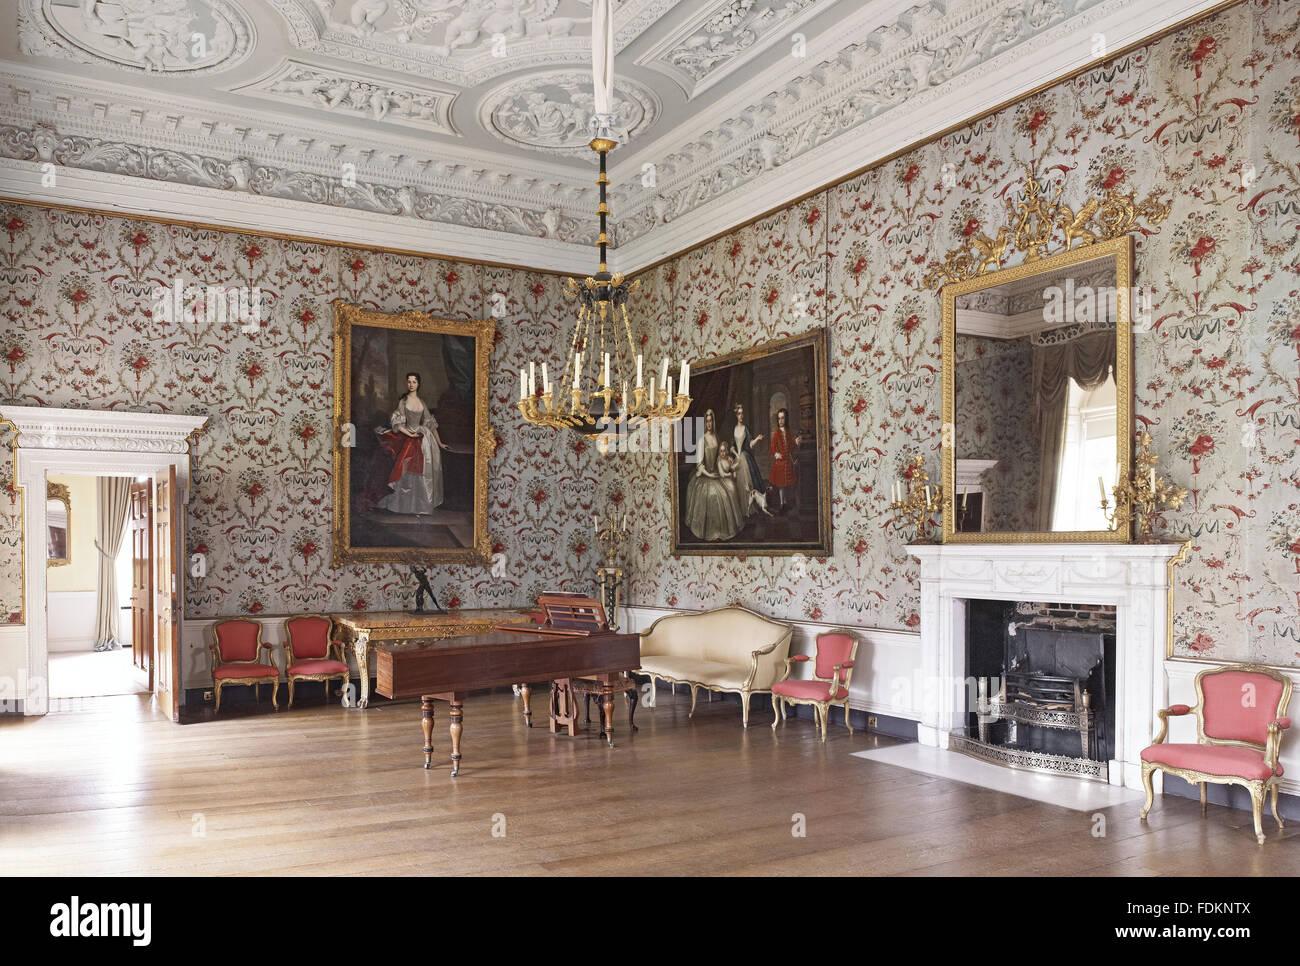 Sala palladio a clandon park surrey questa stanza stato ristrutturato e riarredato intorno - Mobili stile inglese bianco ...